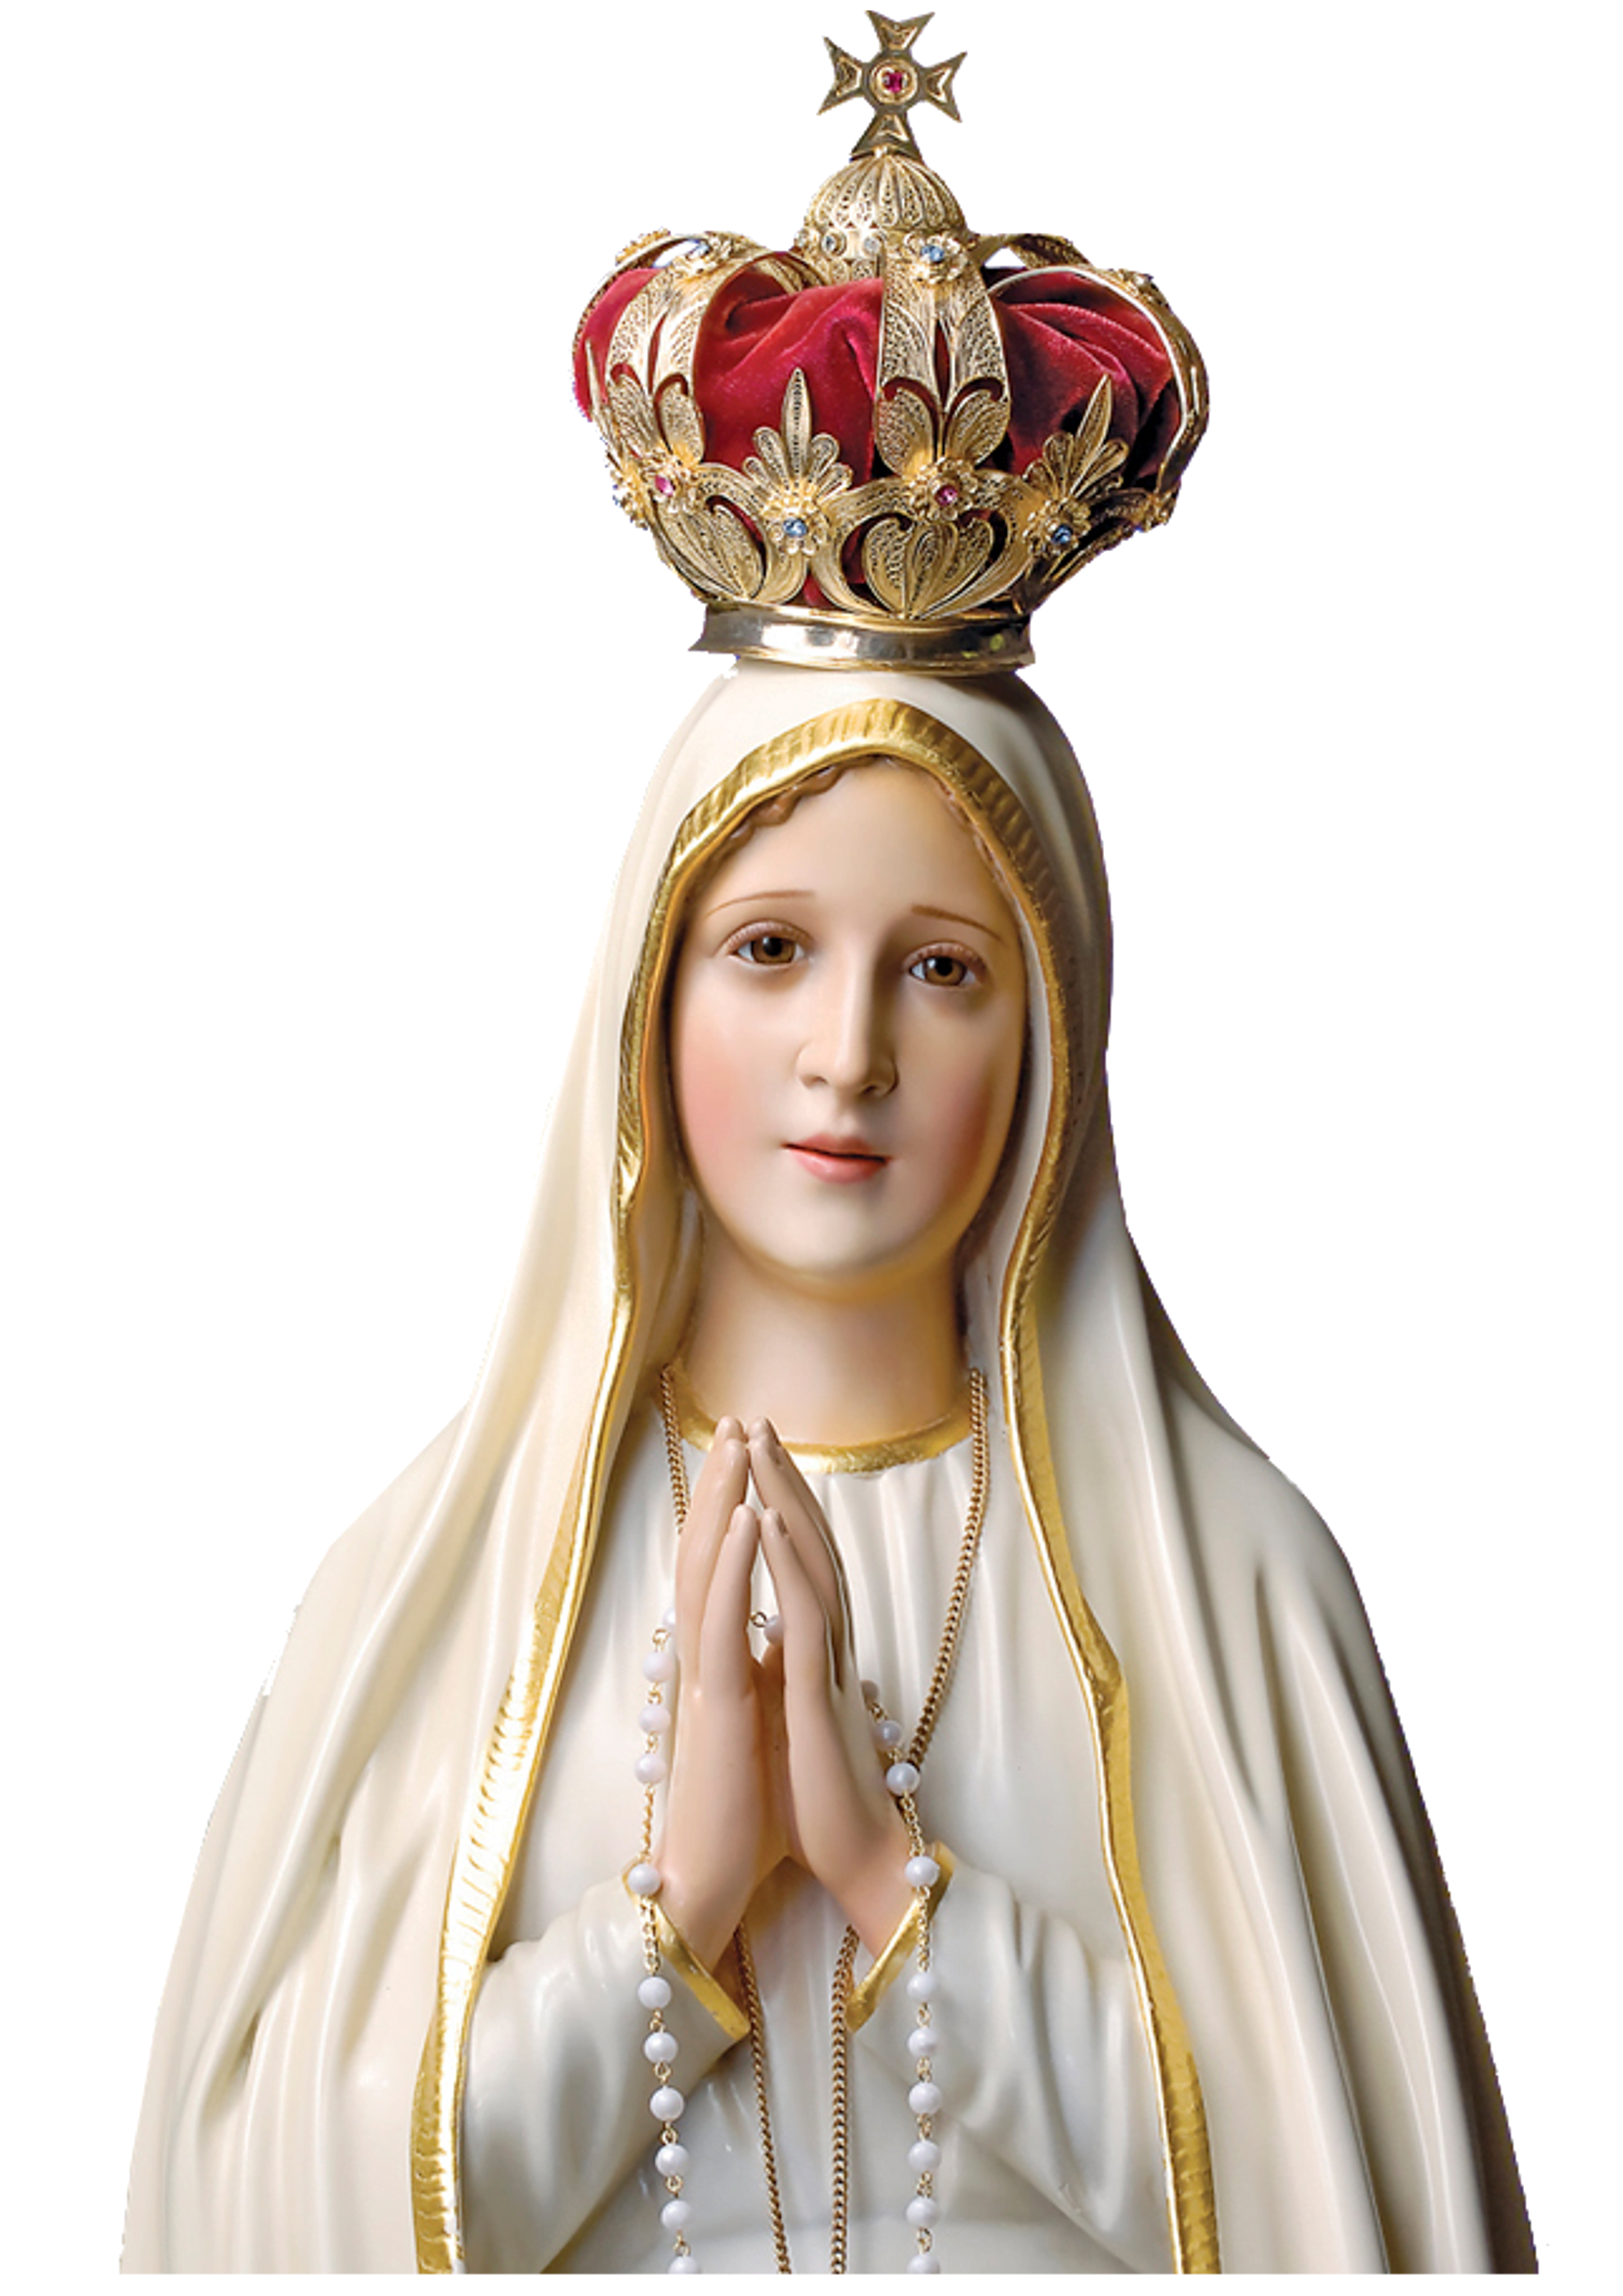 740167e47 Programação da Festa da Padroeira - Maio 2015 ⋆ Paróquia Nossa Senhora de  Fátima - Manilha